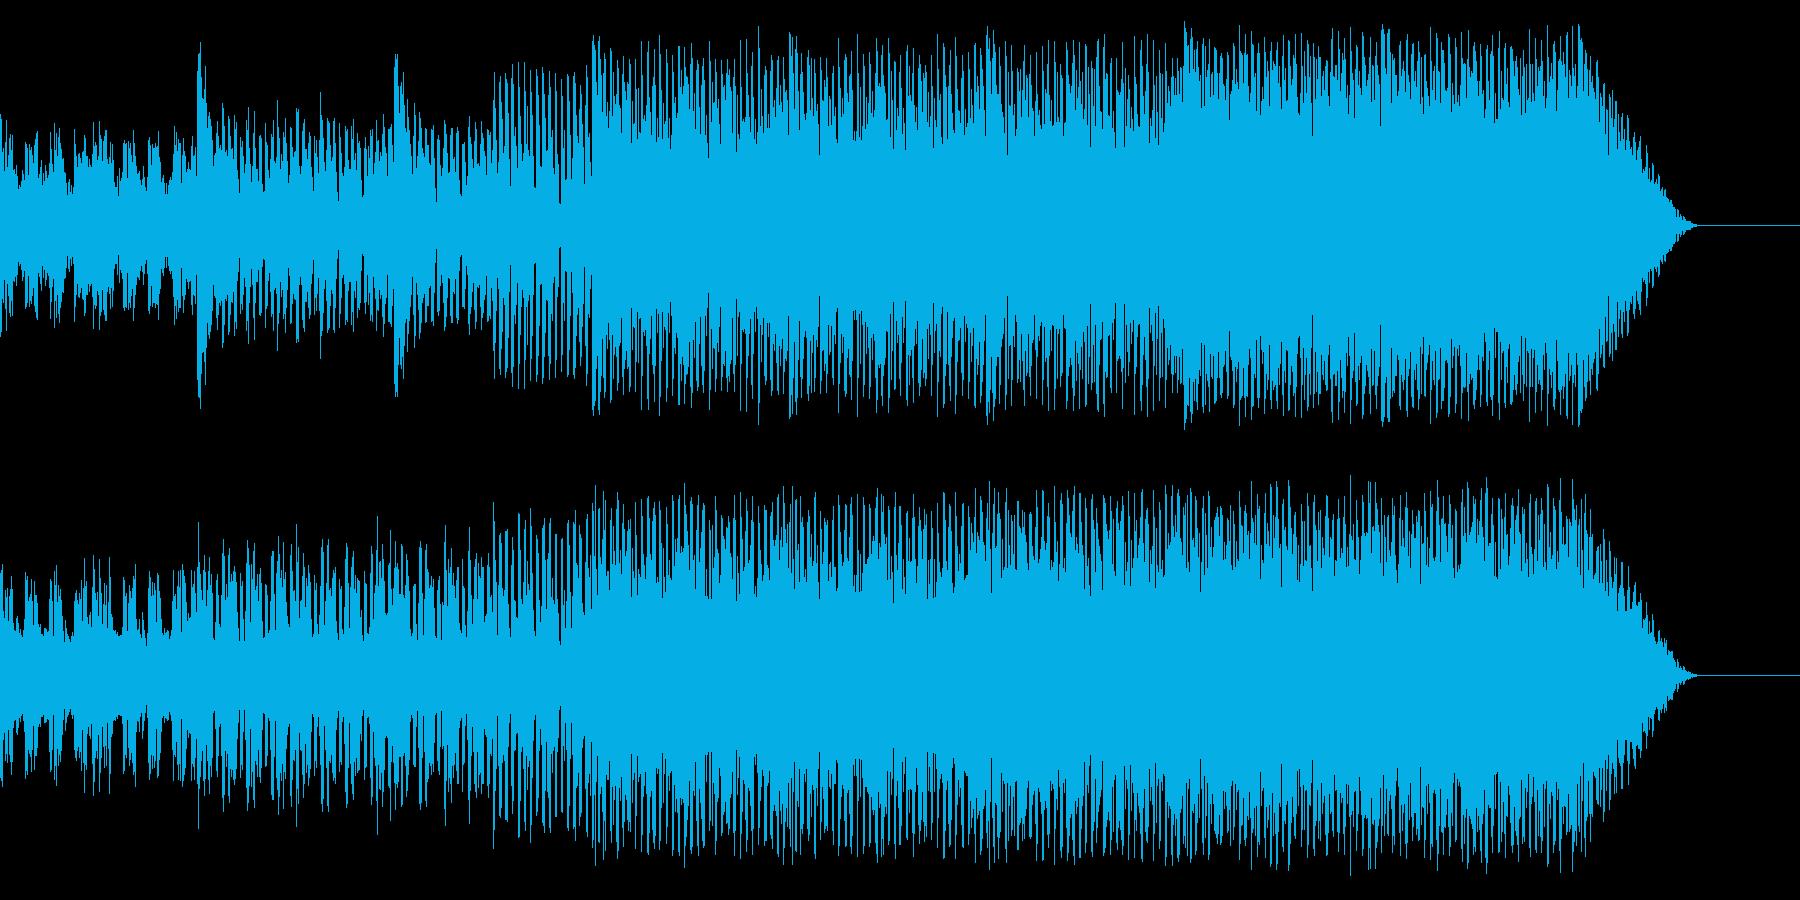 強い気持ちになれる始まりの1曲の再生済みの波形